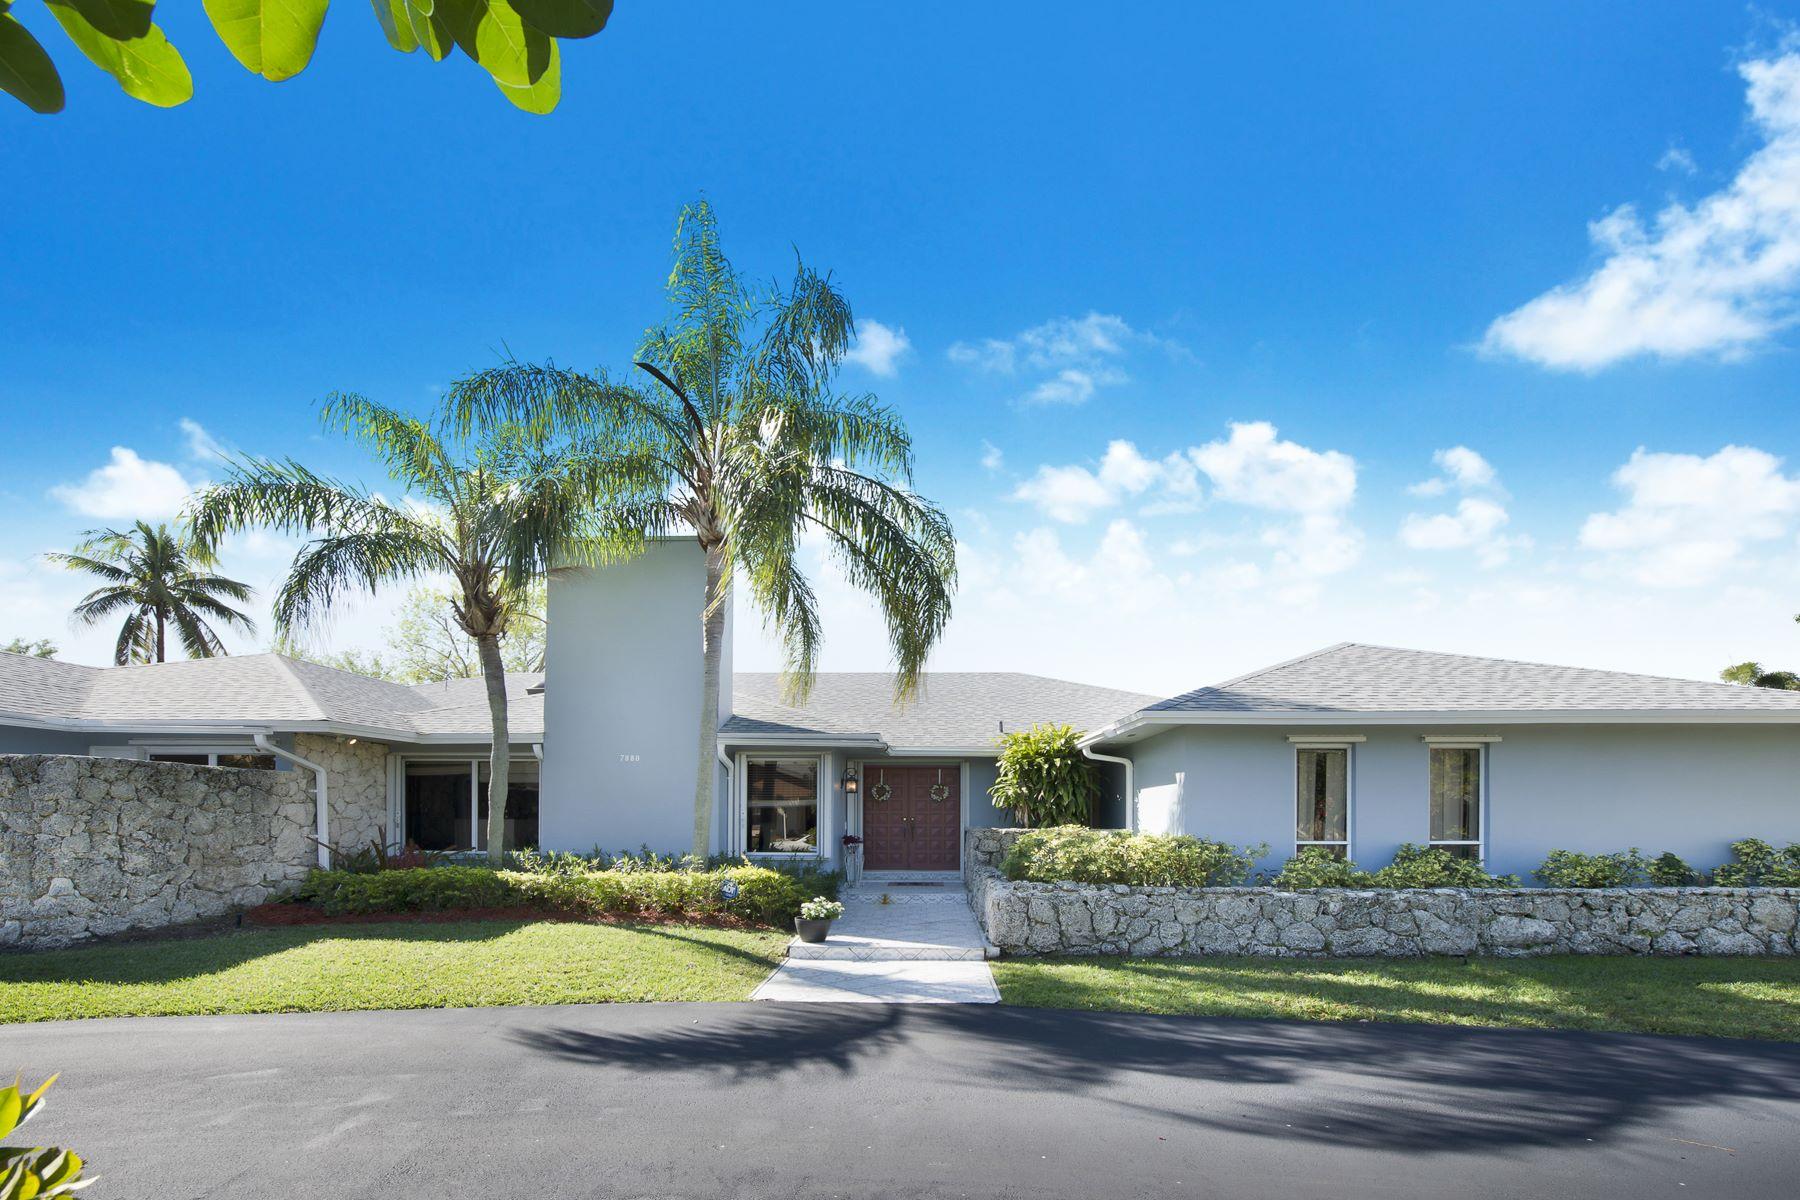 独户住宅 为 销售 在 7880 Sw 181st Ter 7880 Sw 181st Ter 帕尔梅托湾, 佛罗里达州 33157 美国